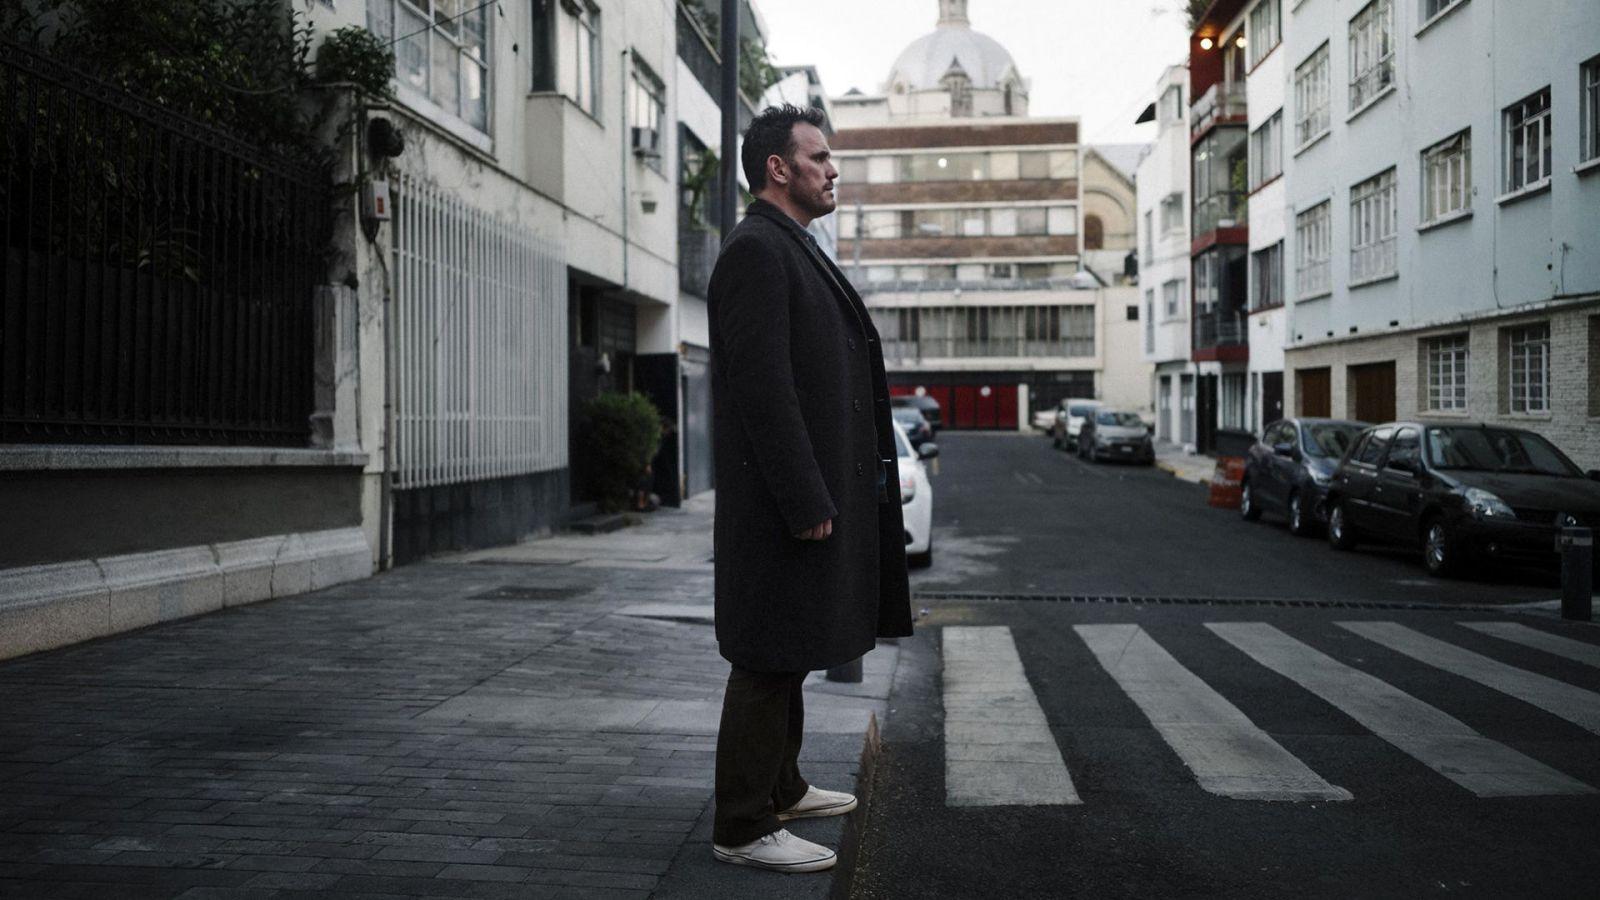 Γιώργος Λάνθιμος: Δείτε τη νέα του ταινία online και δωρεάν μέχρι τις 25/11 [vid]